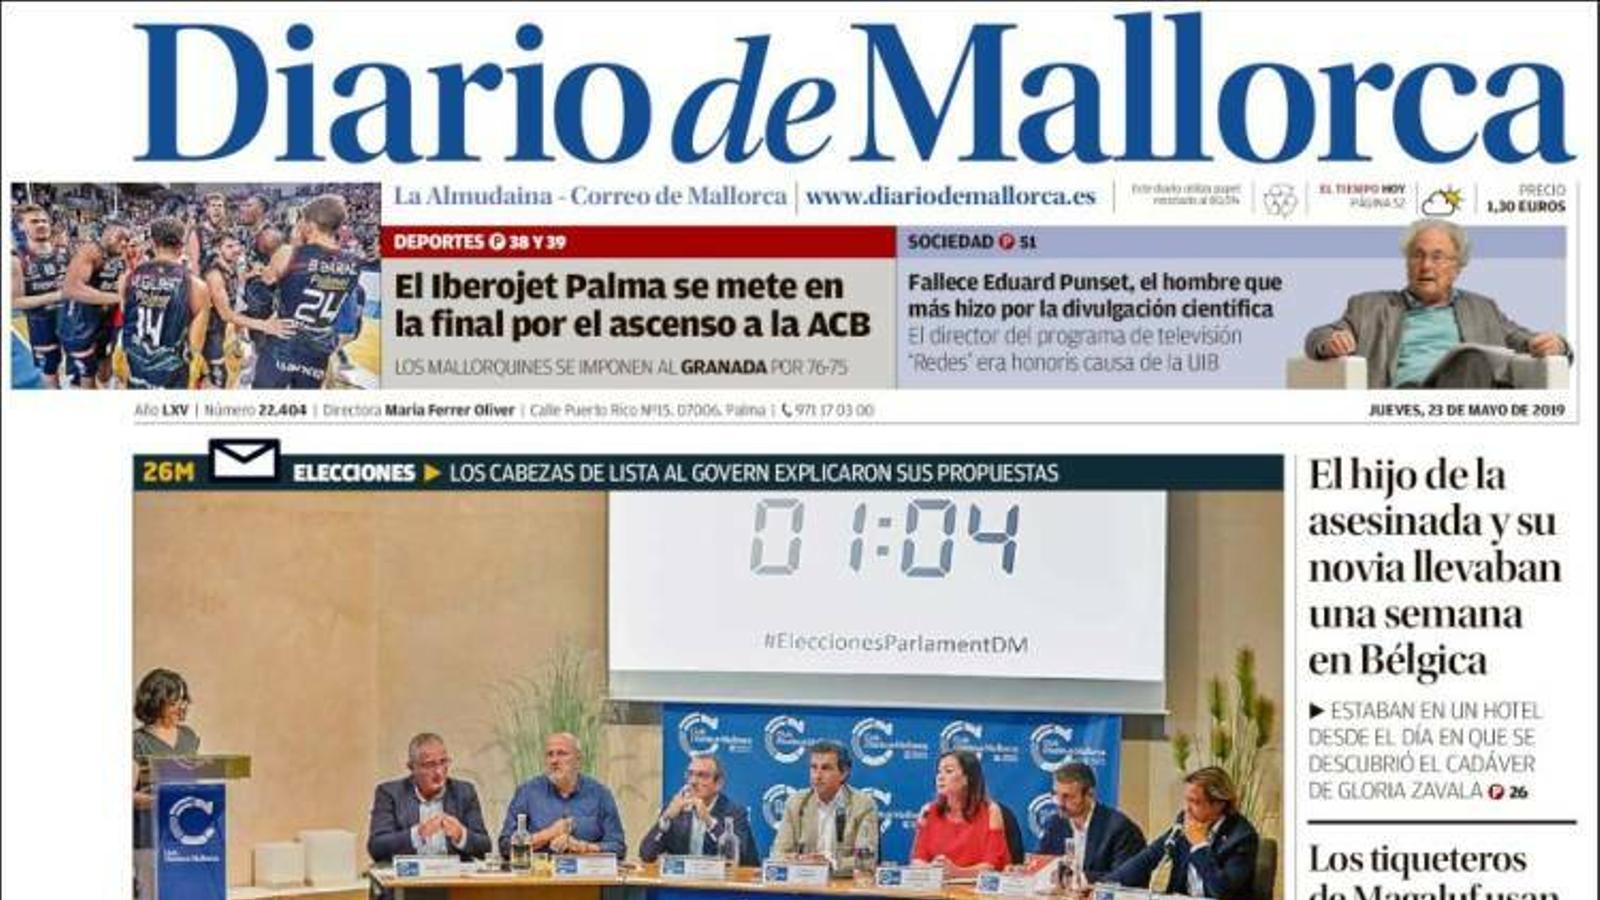 """""""L'esquerra reforça la seva unió davant el 26M enfront d'una dreta ambigua amb els futurs pactes'"""", portada de 'Diario de Mallorca'"""